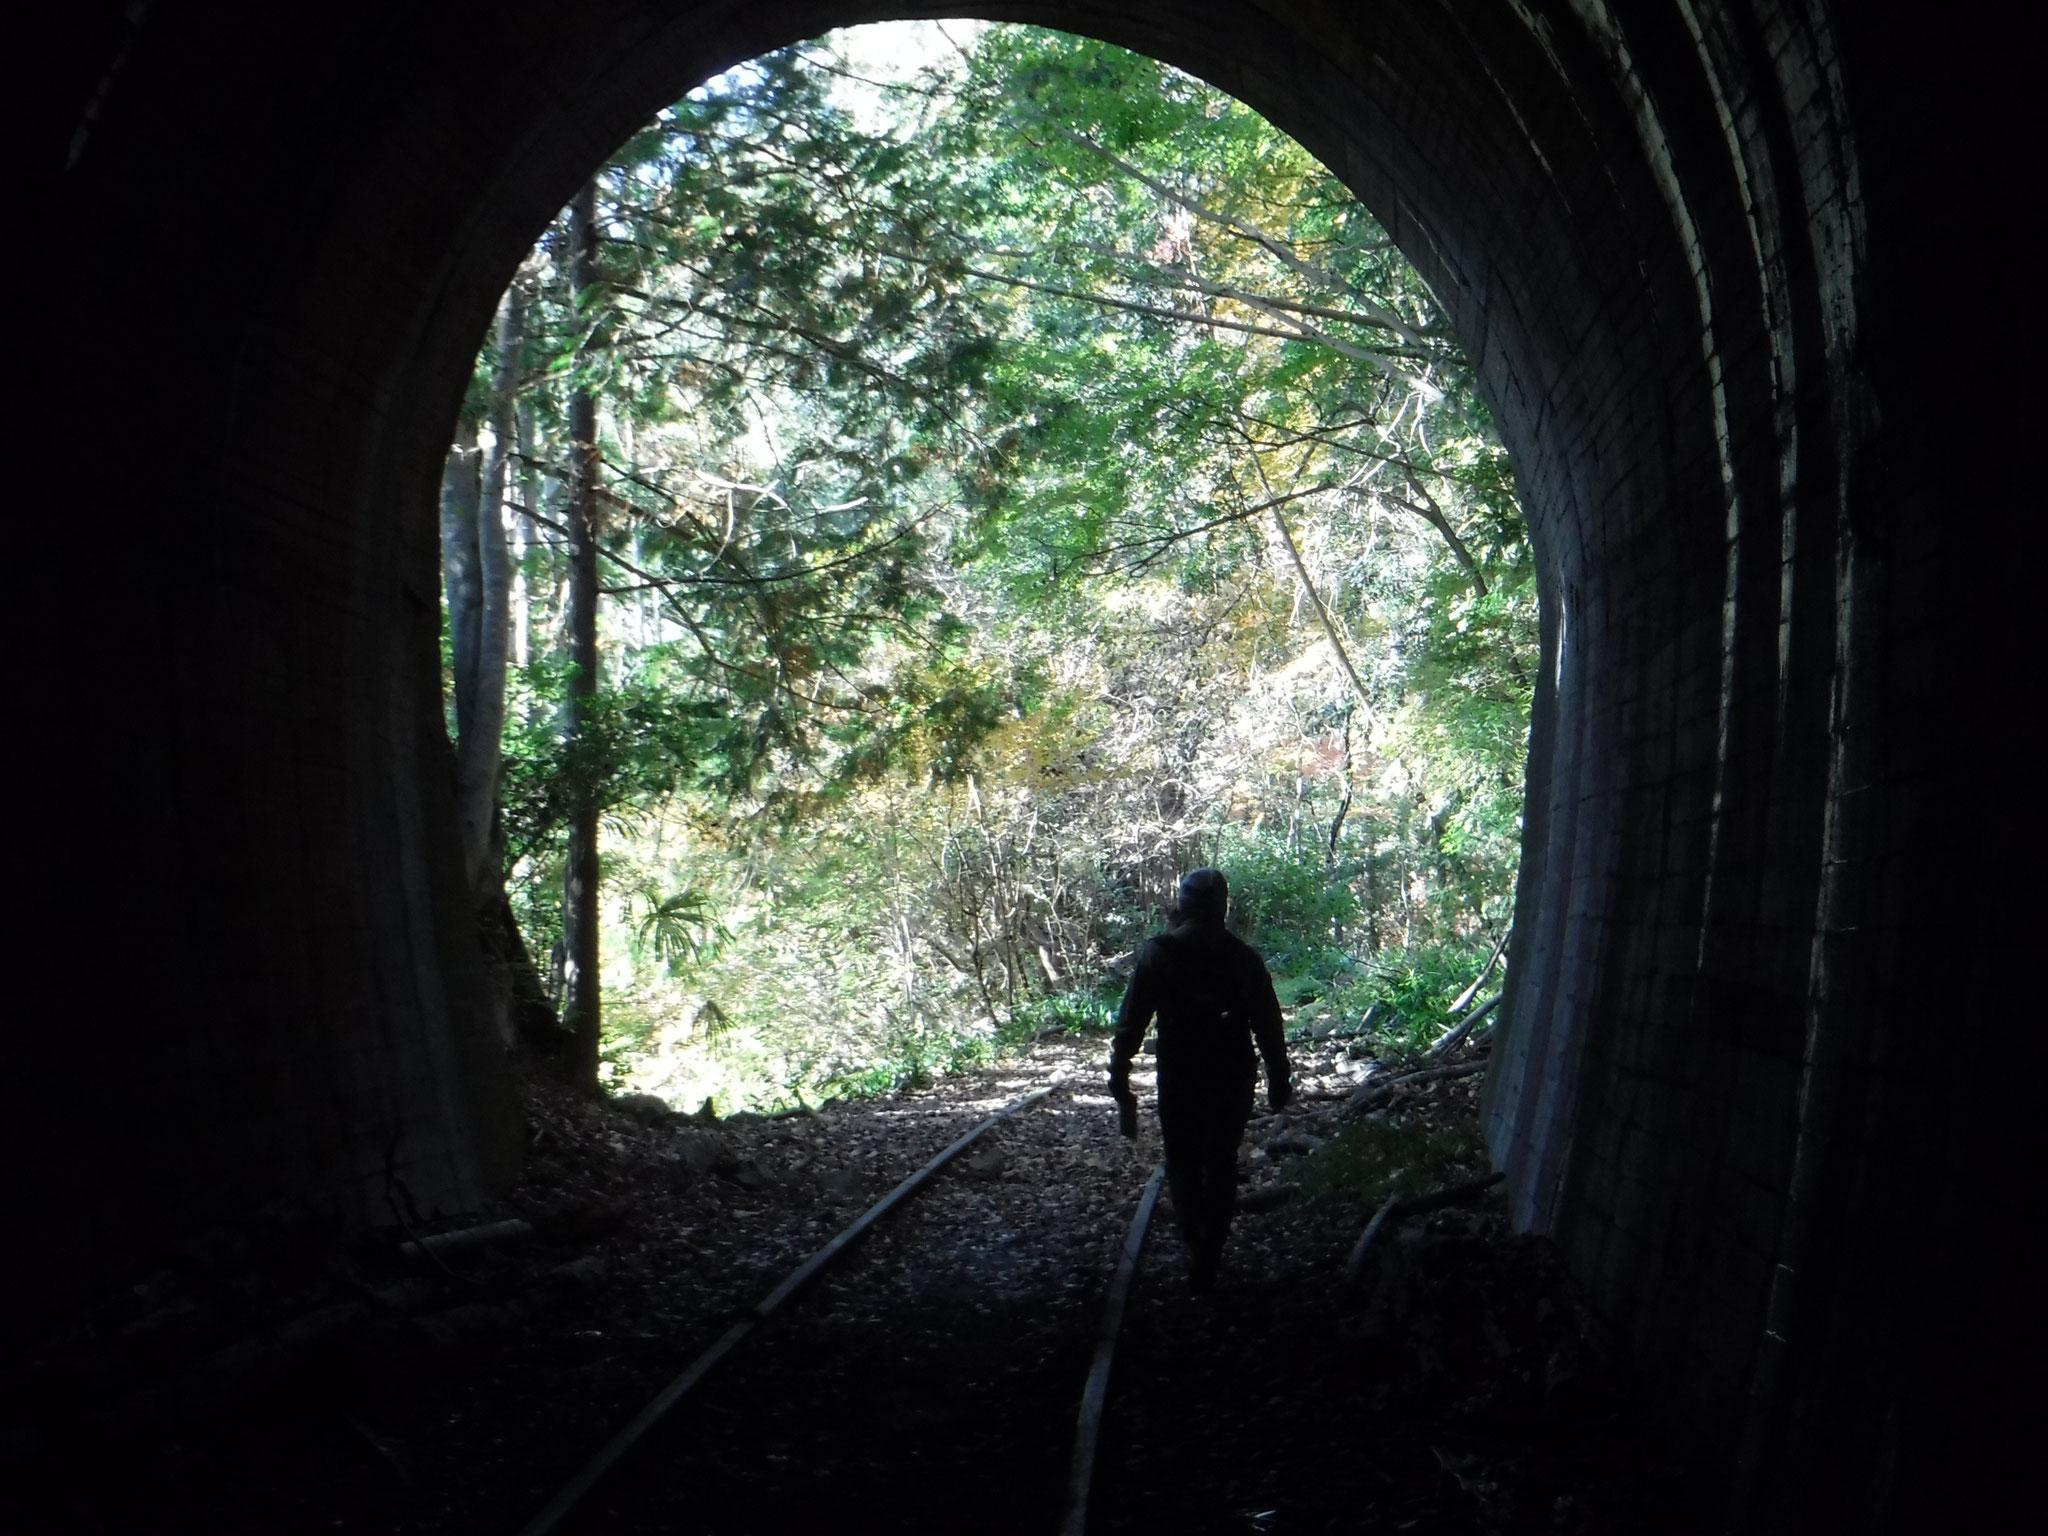 8:15 むかし道に入って、間もなく現れる、旧トンネル